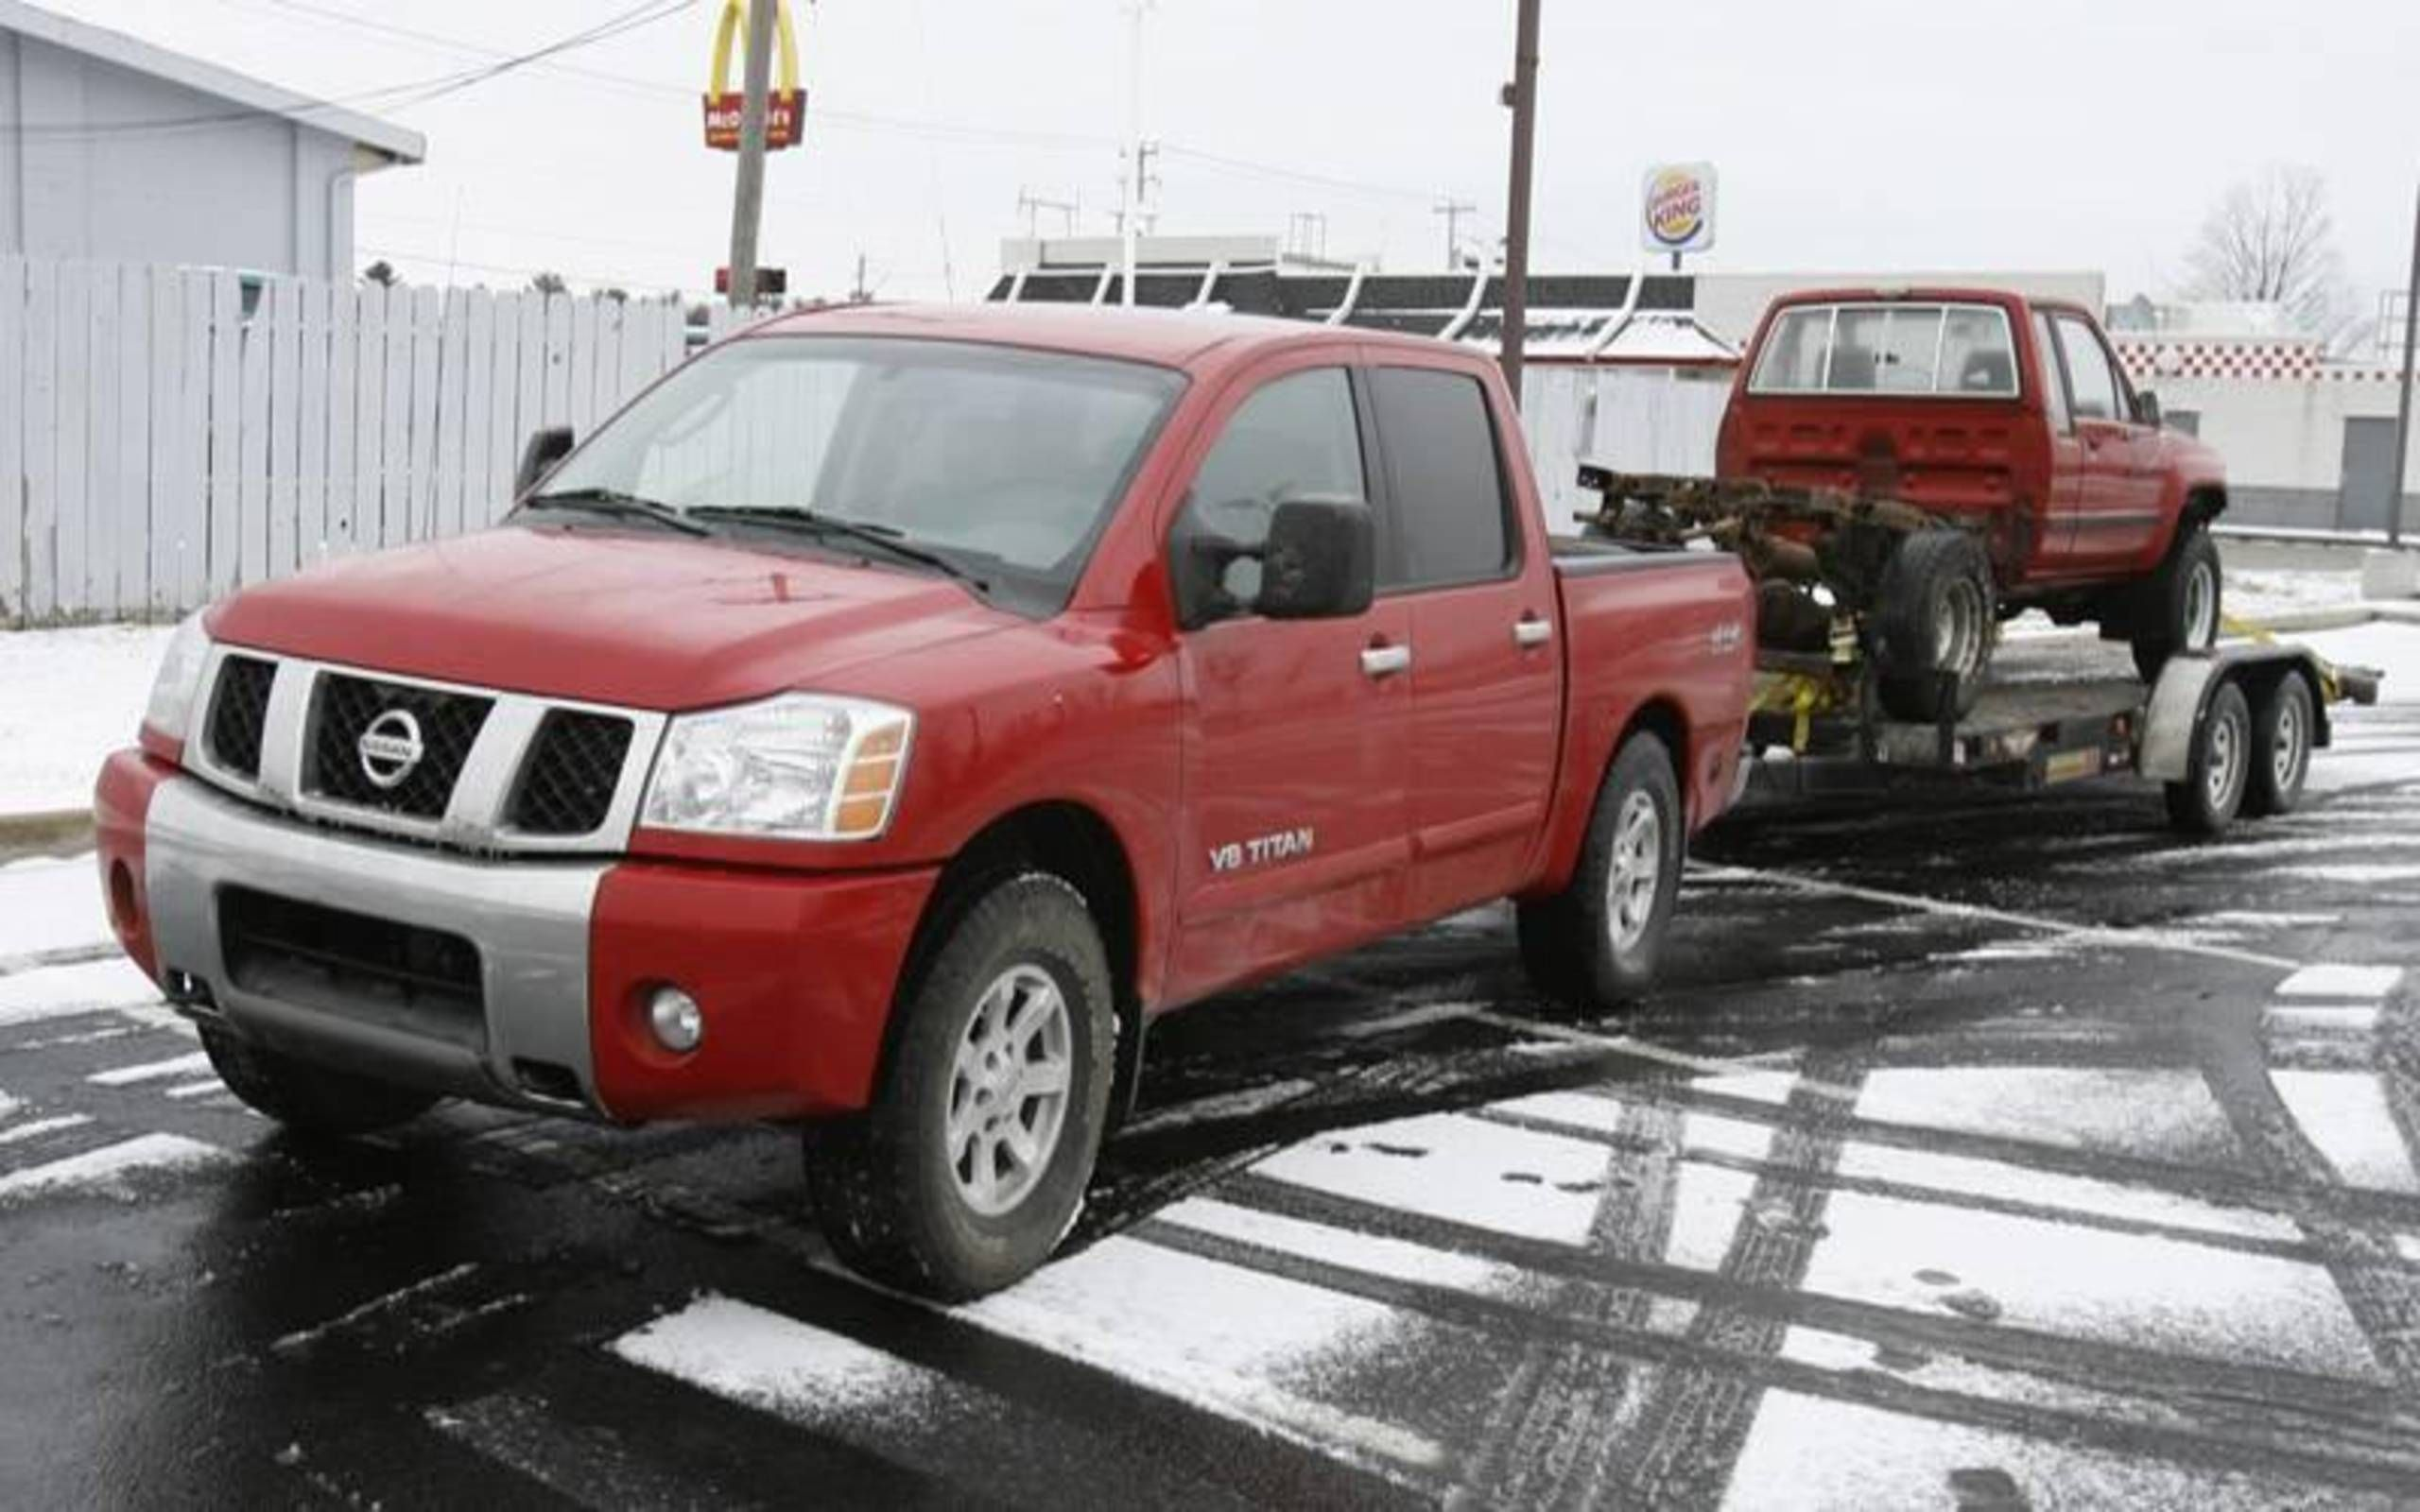 2007 Nissan Titan 4x4 Se Tough Truck